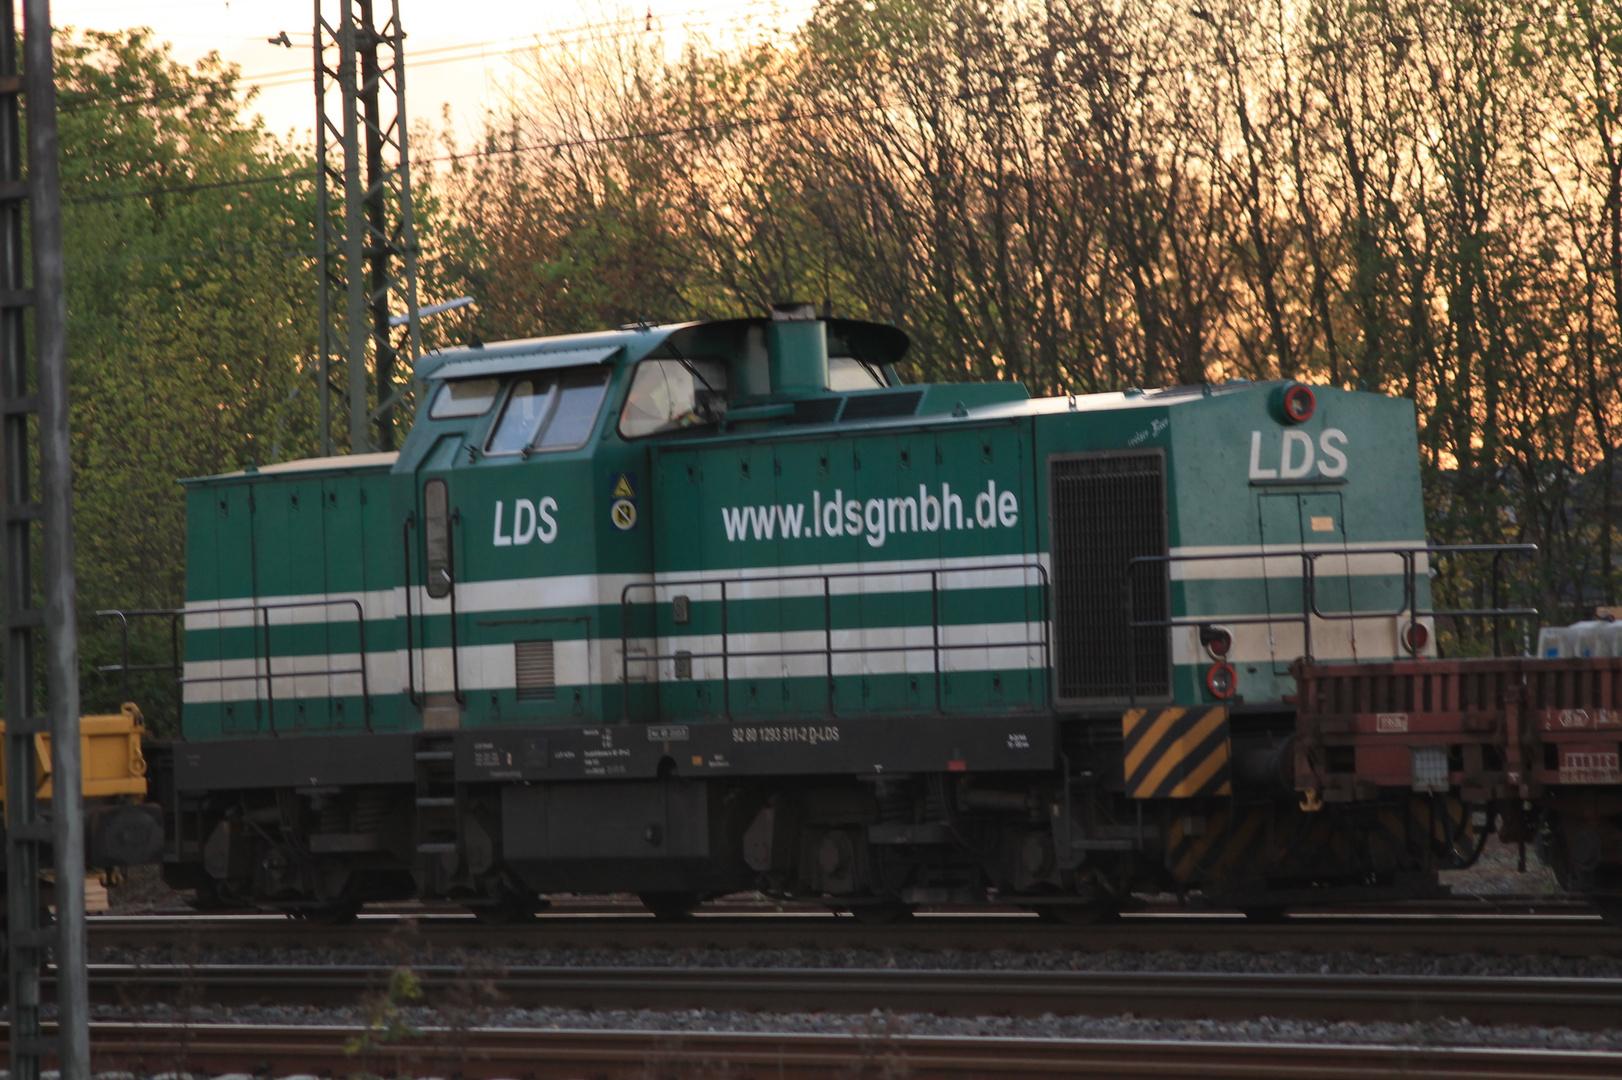 Diesellokomotive in Grün